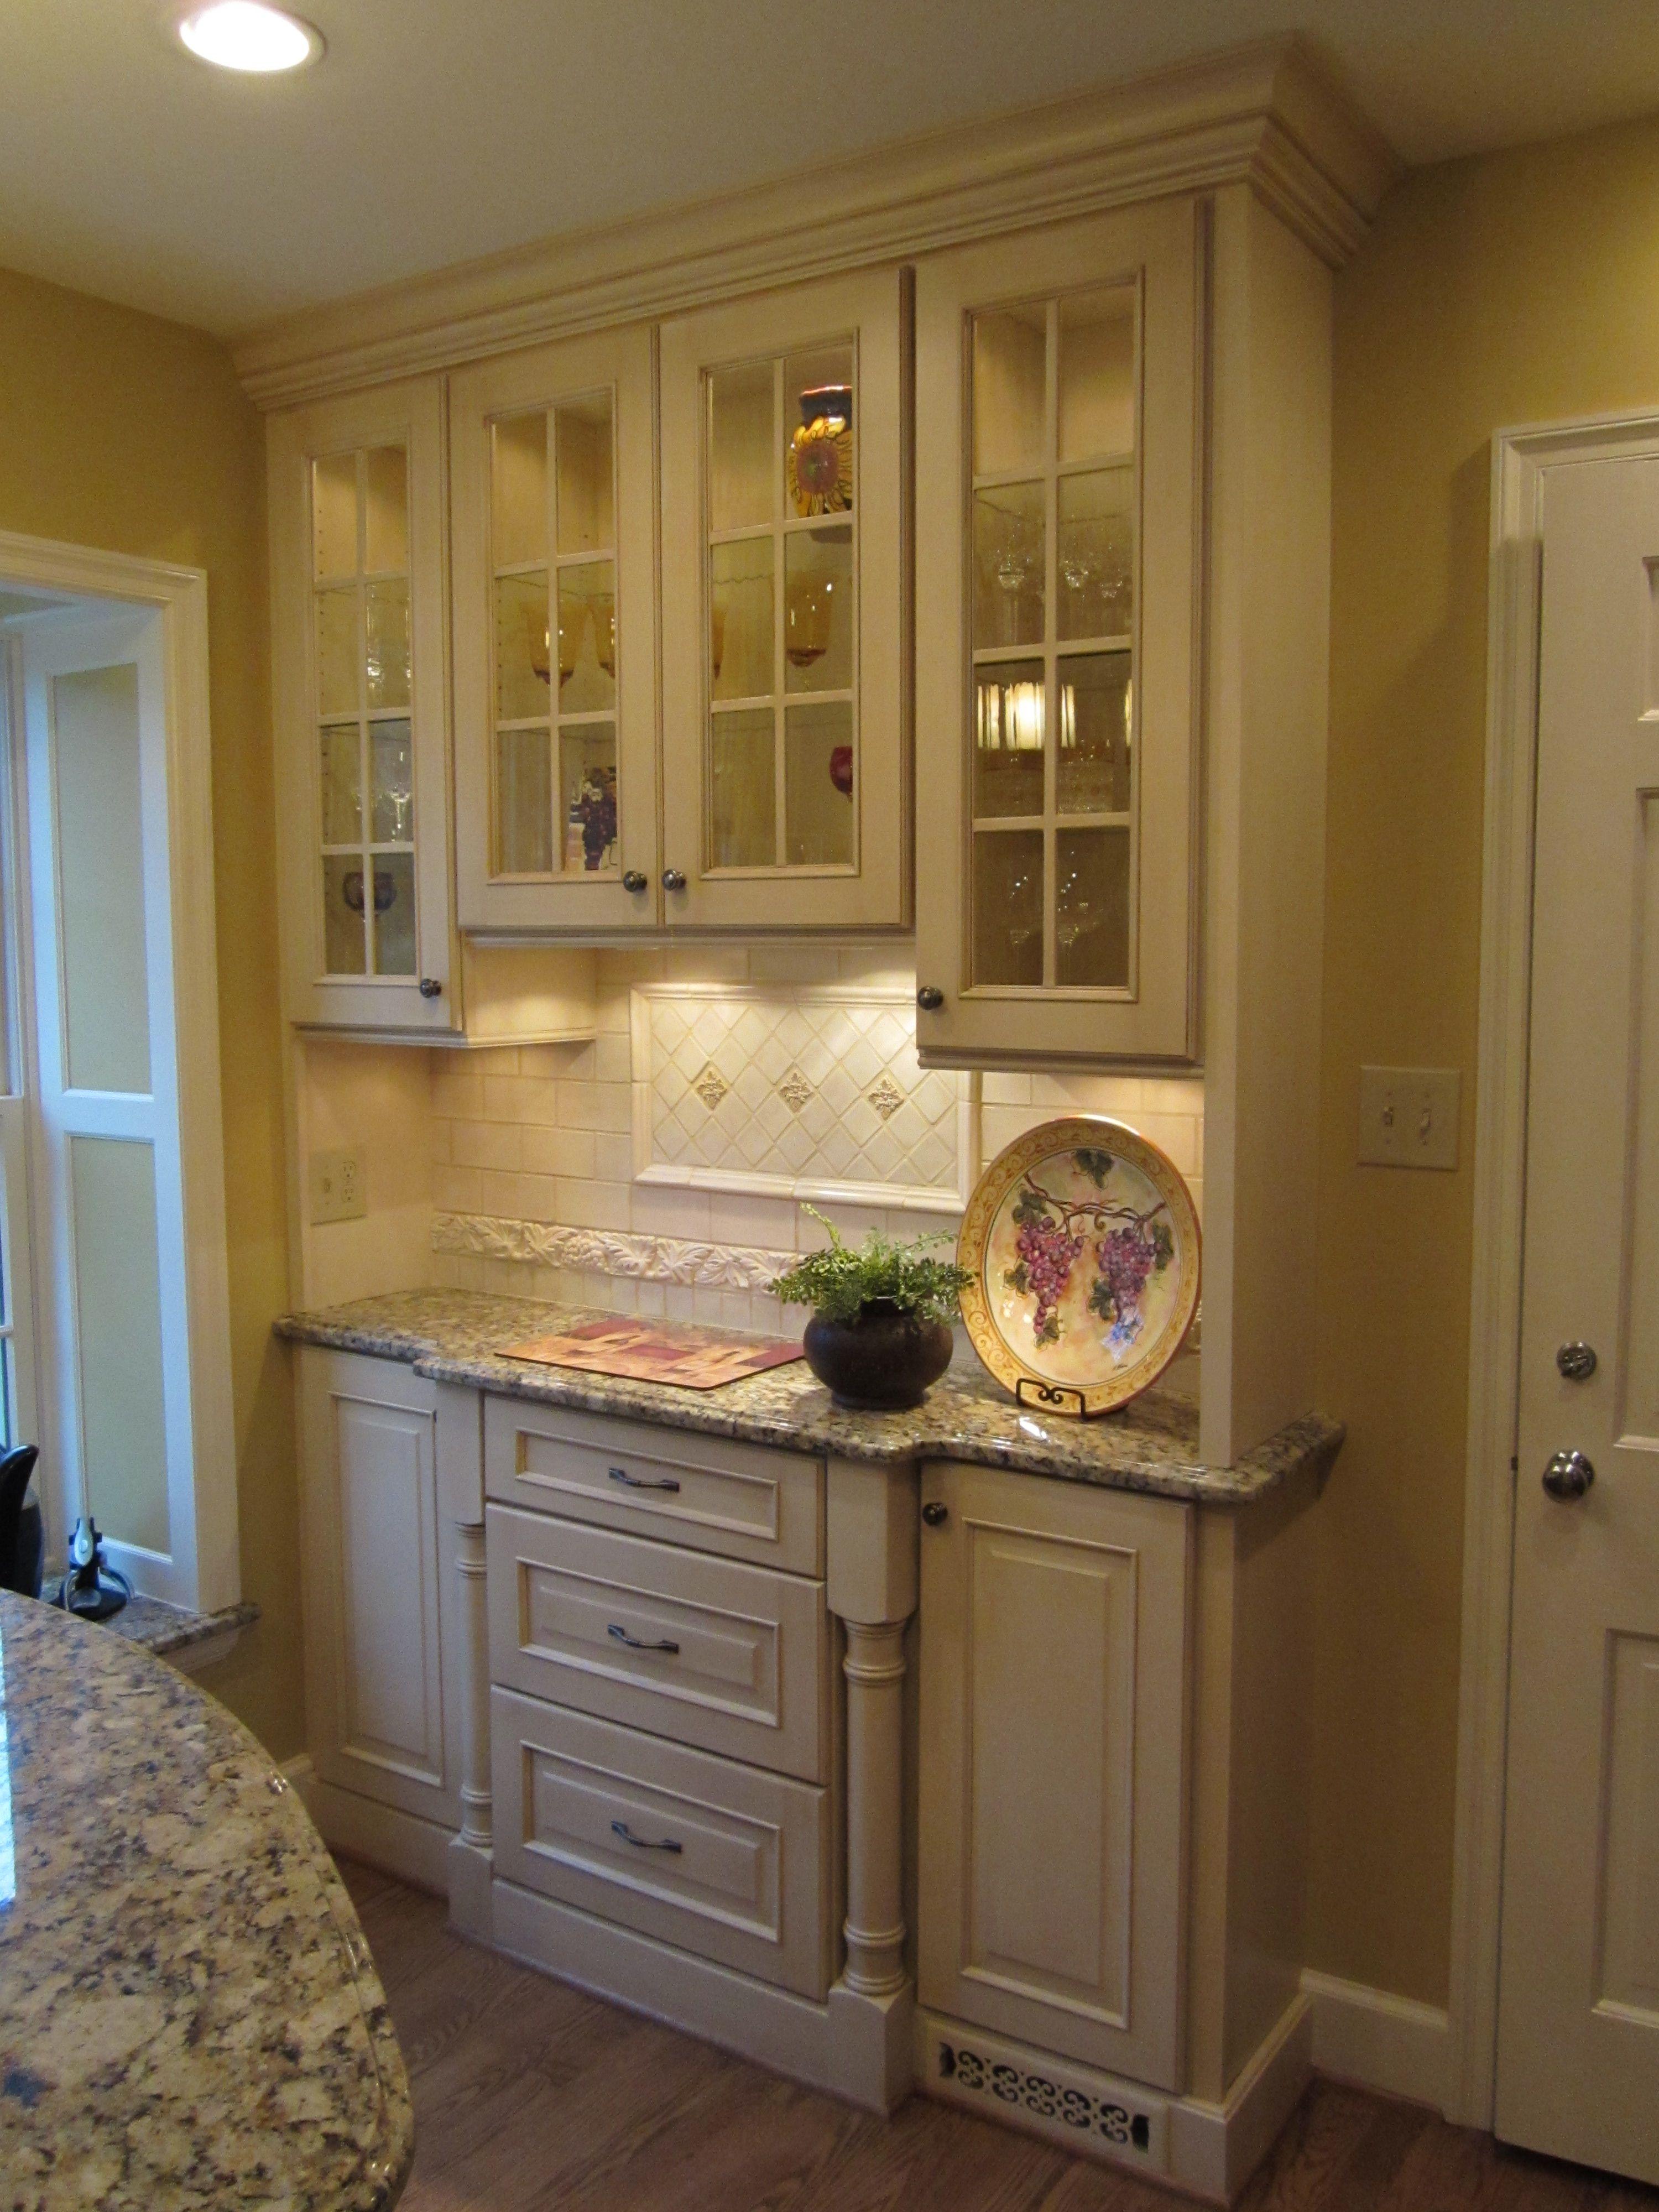 Best Kitchen Gallery: Photo Courtesy Of Jennifer Wilson Ksi Designer Dura Supreme of Wilson Antique Kitchen Cabinet on rachelxblog.com